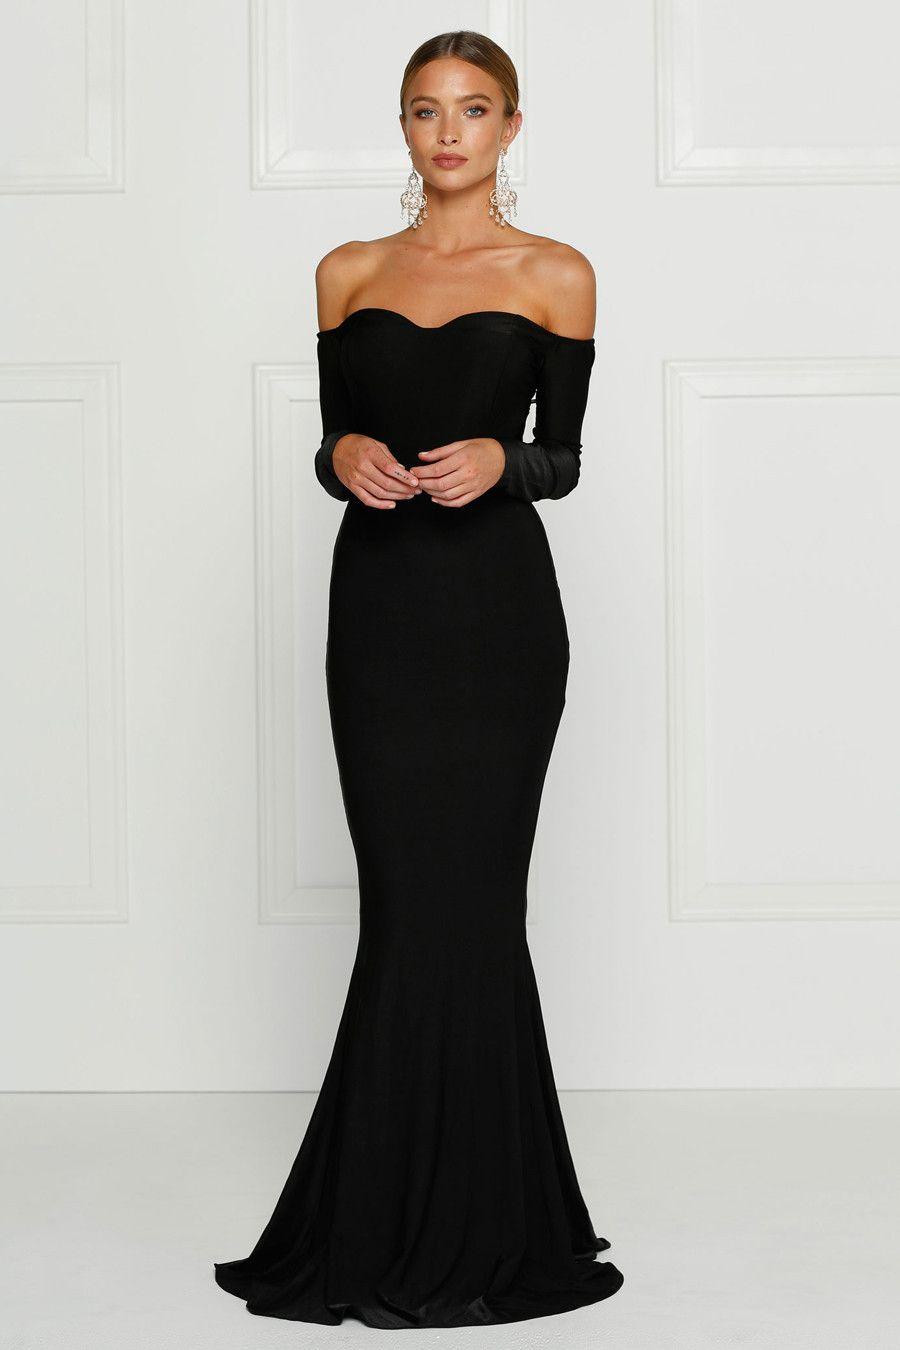 Alamour The Label Salma Black Off Shoulder Formal Gown Dress